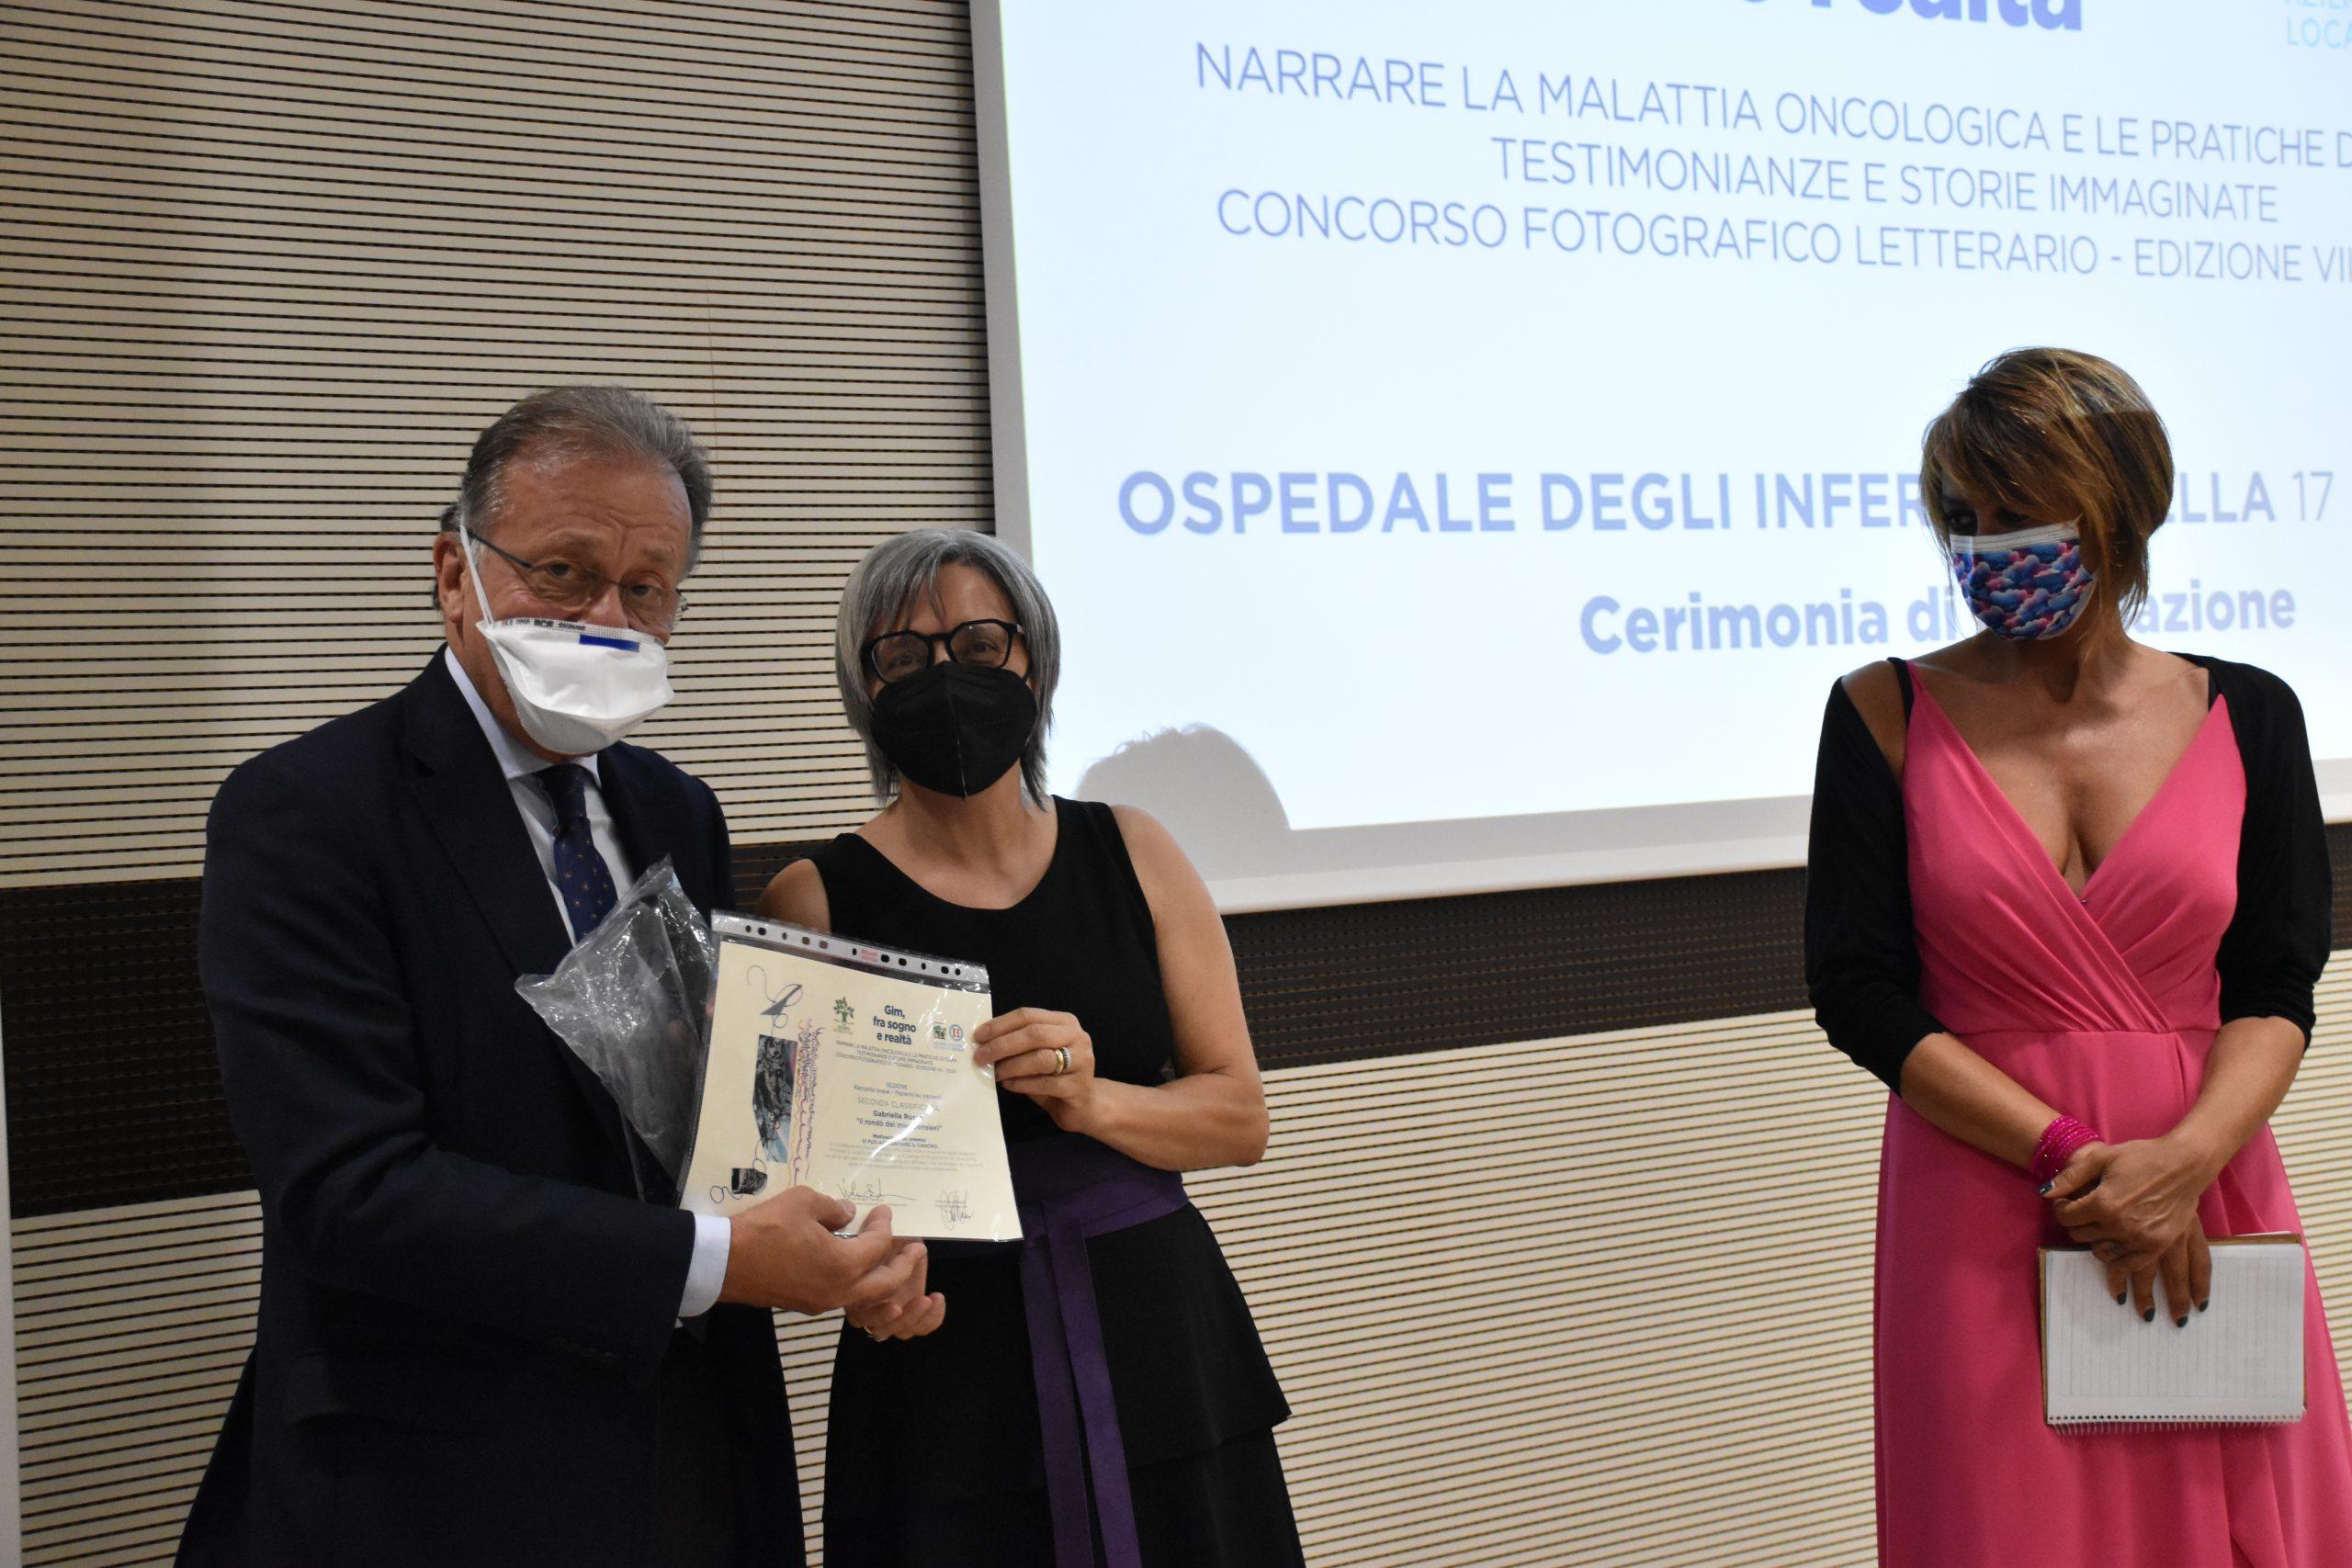 L'insegnante e scrittrice Gabriella Russo alla premiazione dell'edizione 2021 del concorso letterario Gim, fra sogno e realtà del Fondo Edo Tempia di Biella.